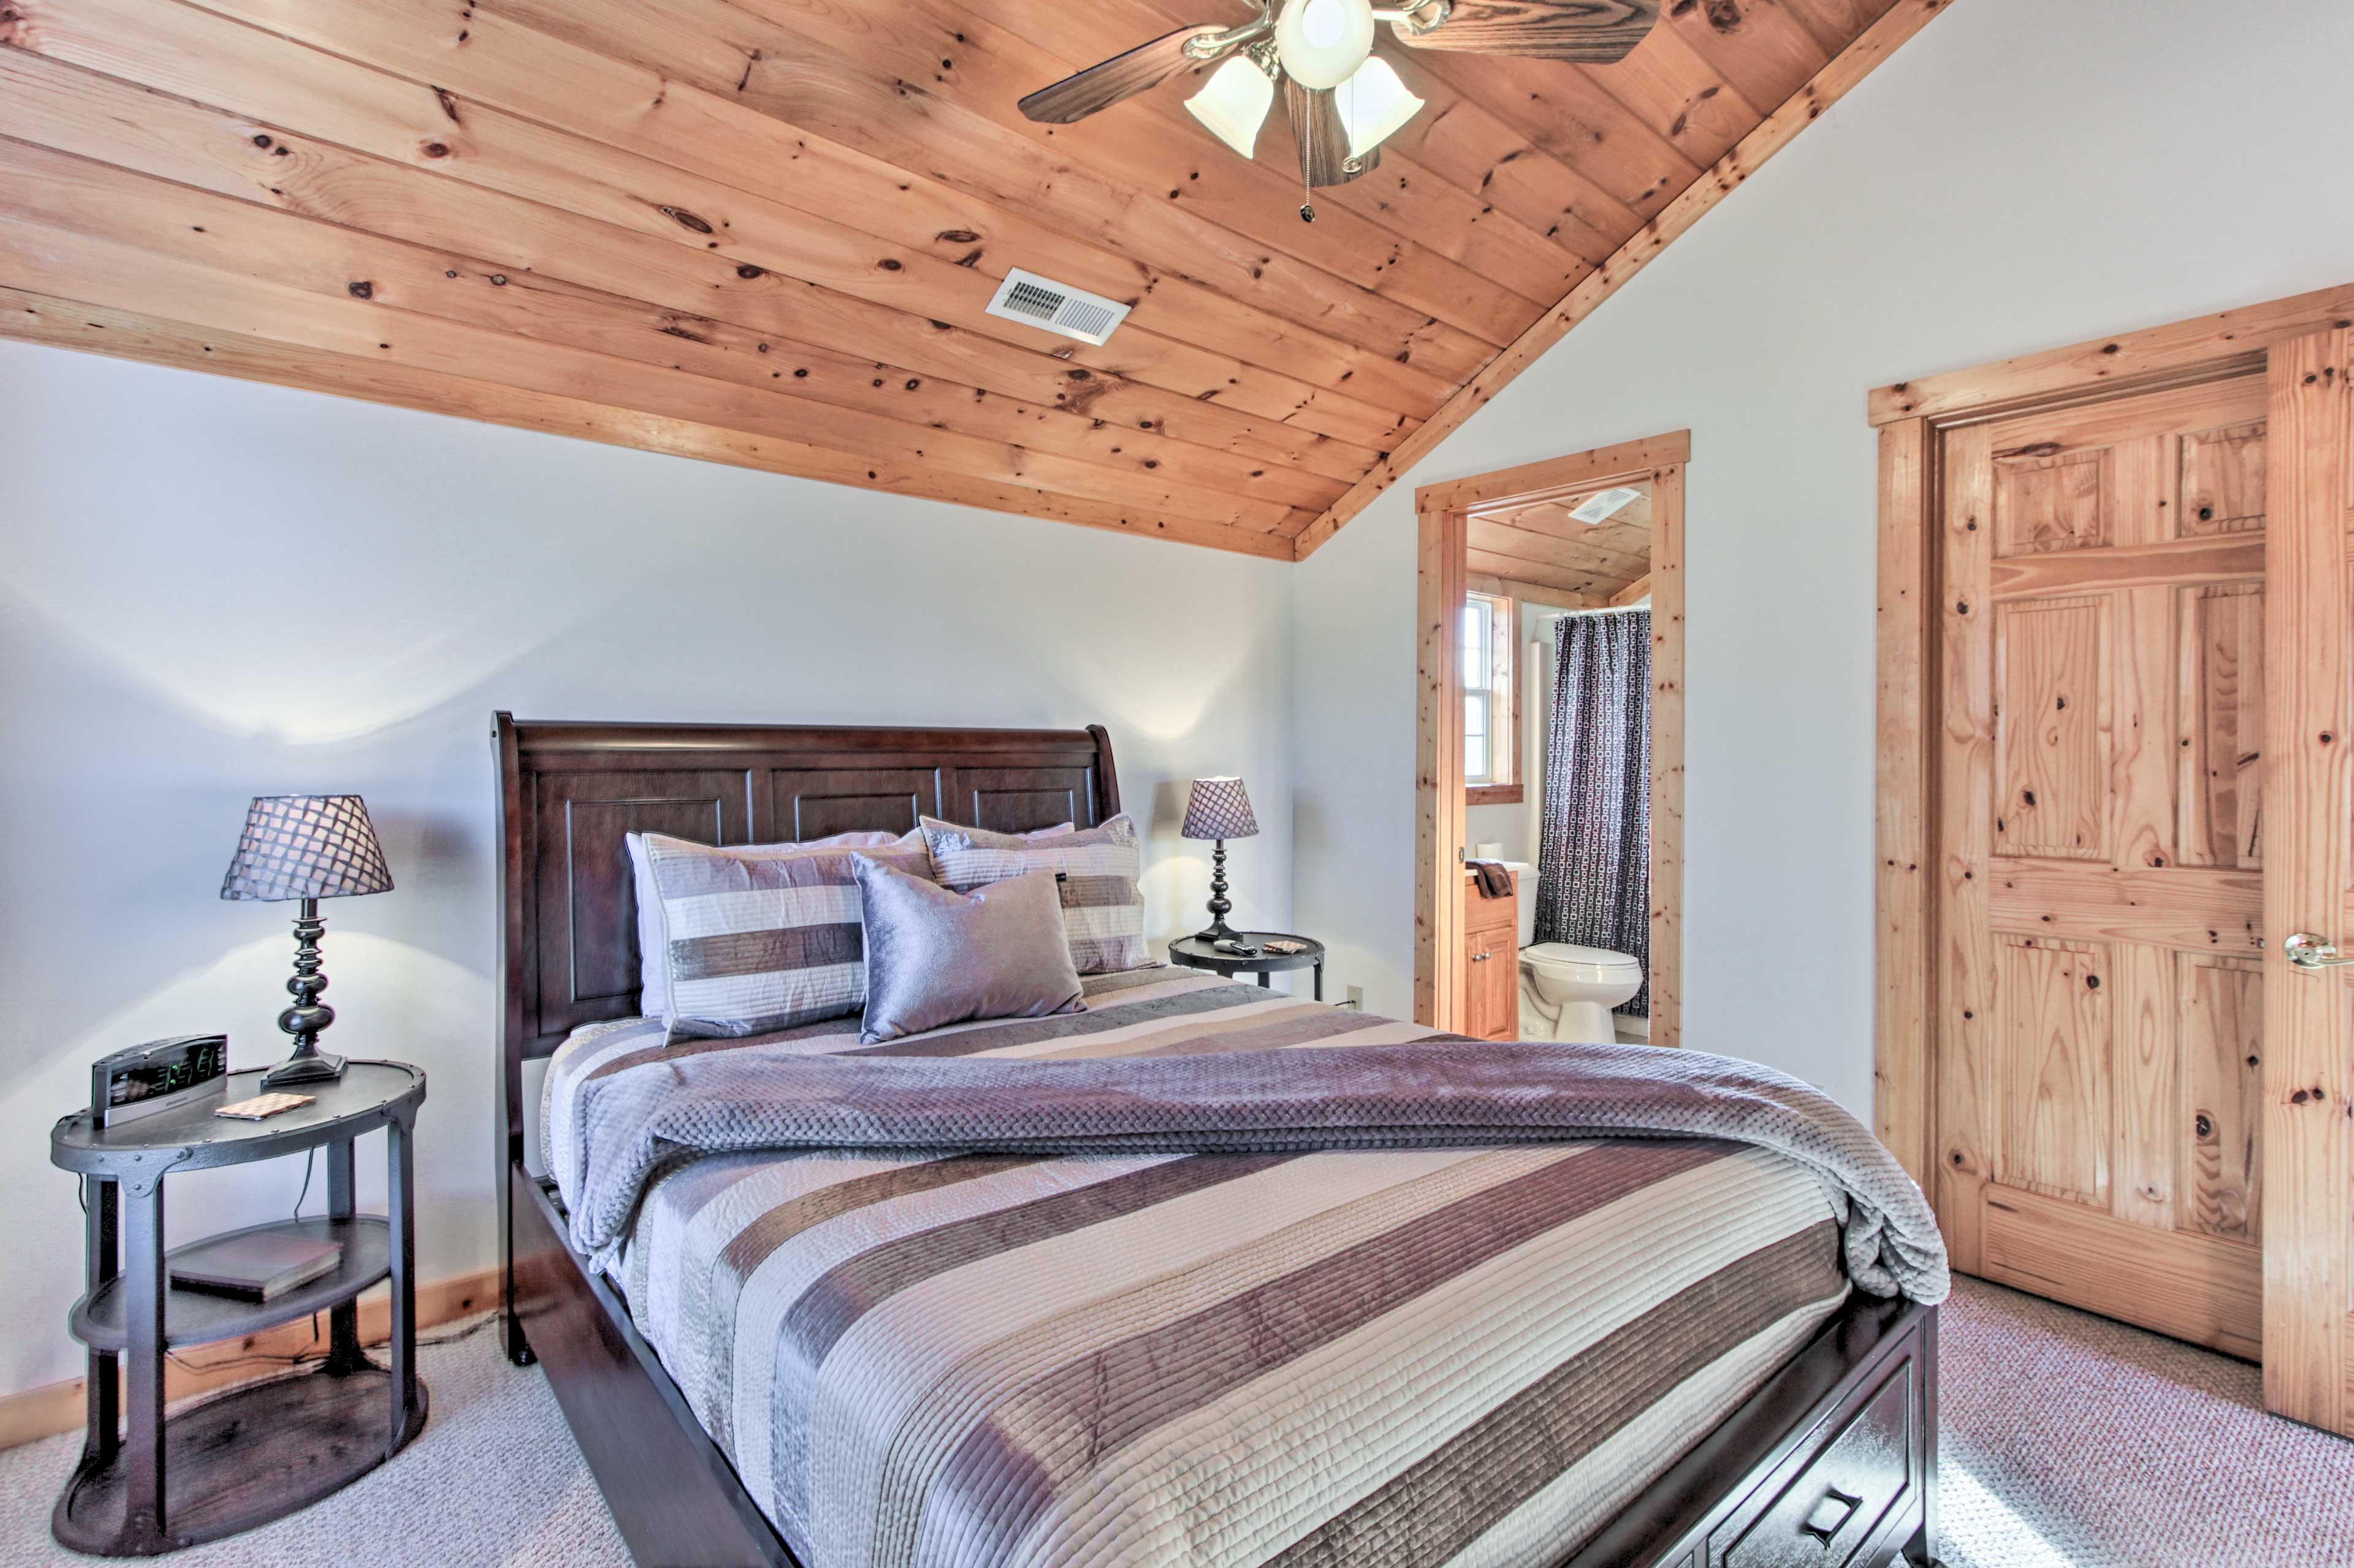 It features a queen bed and an en-suite bathroom.